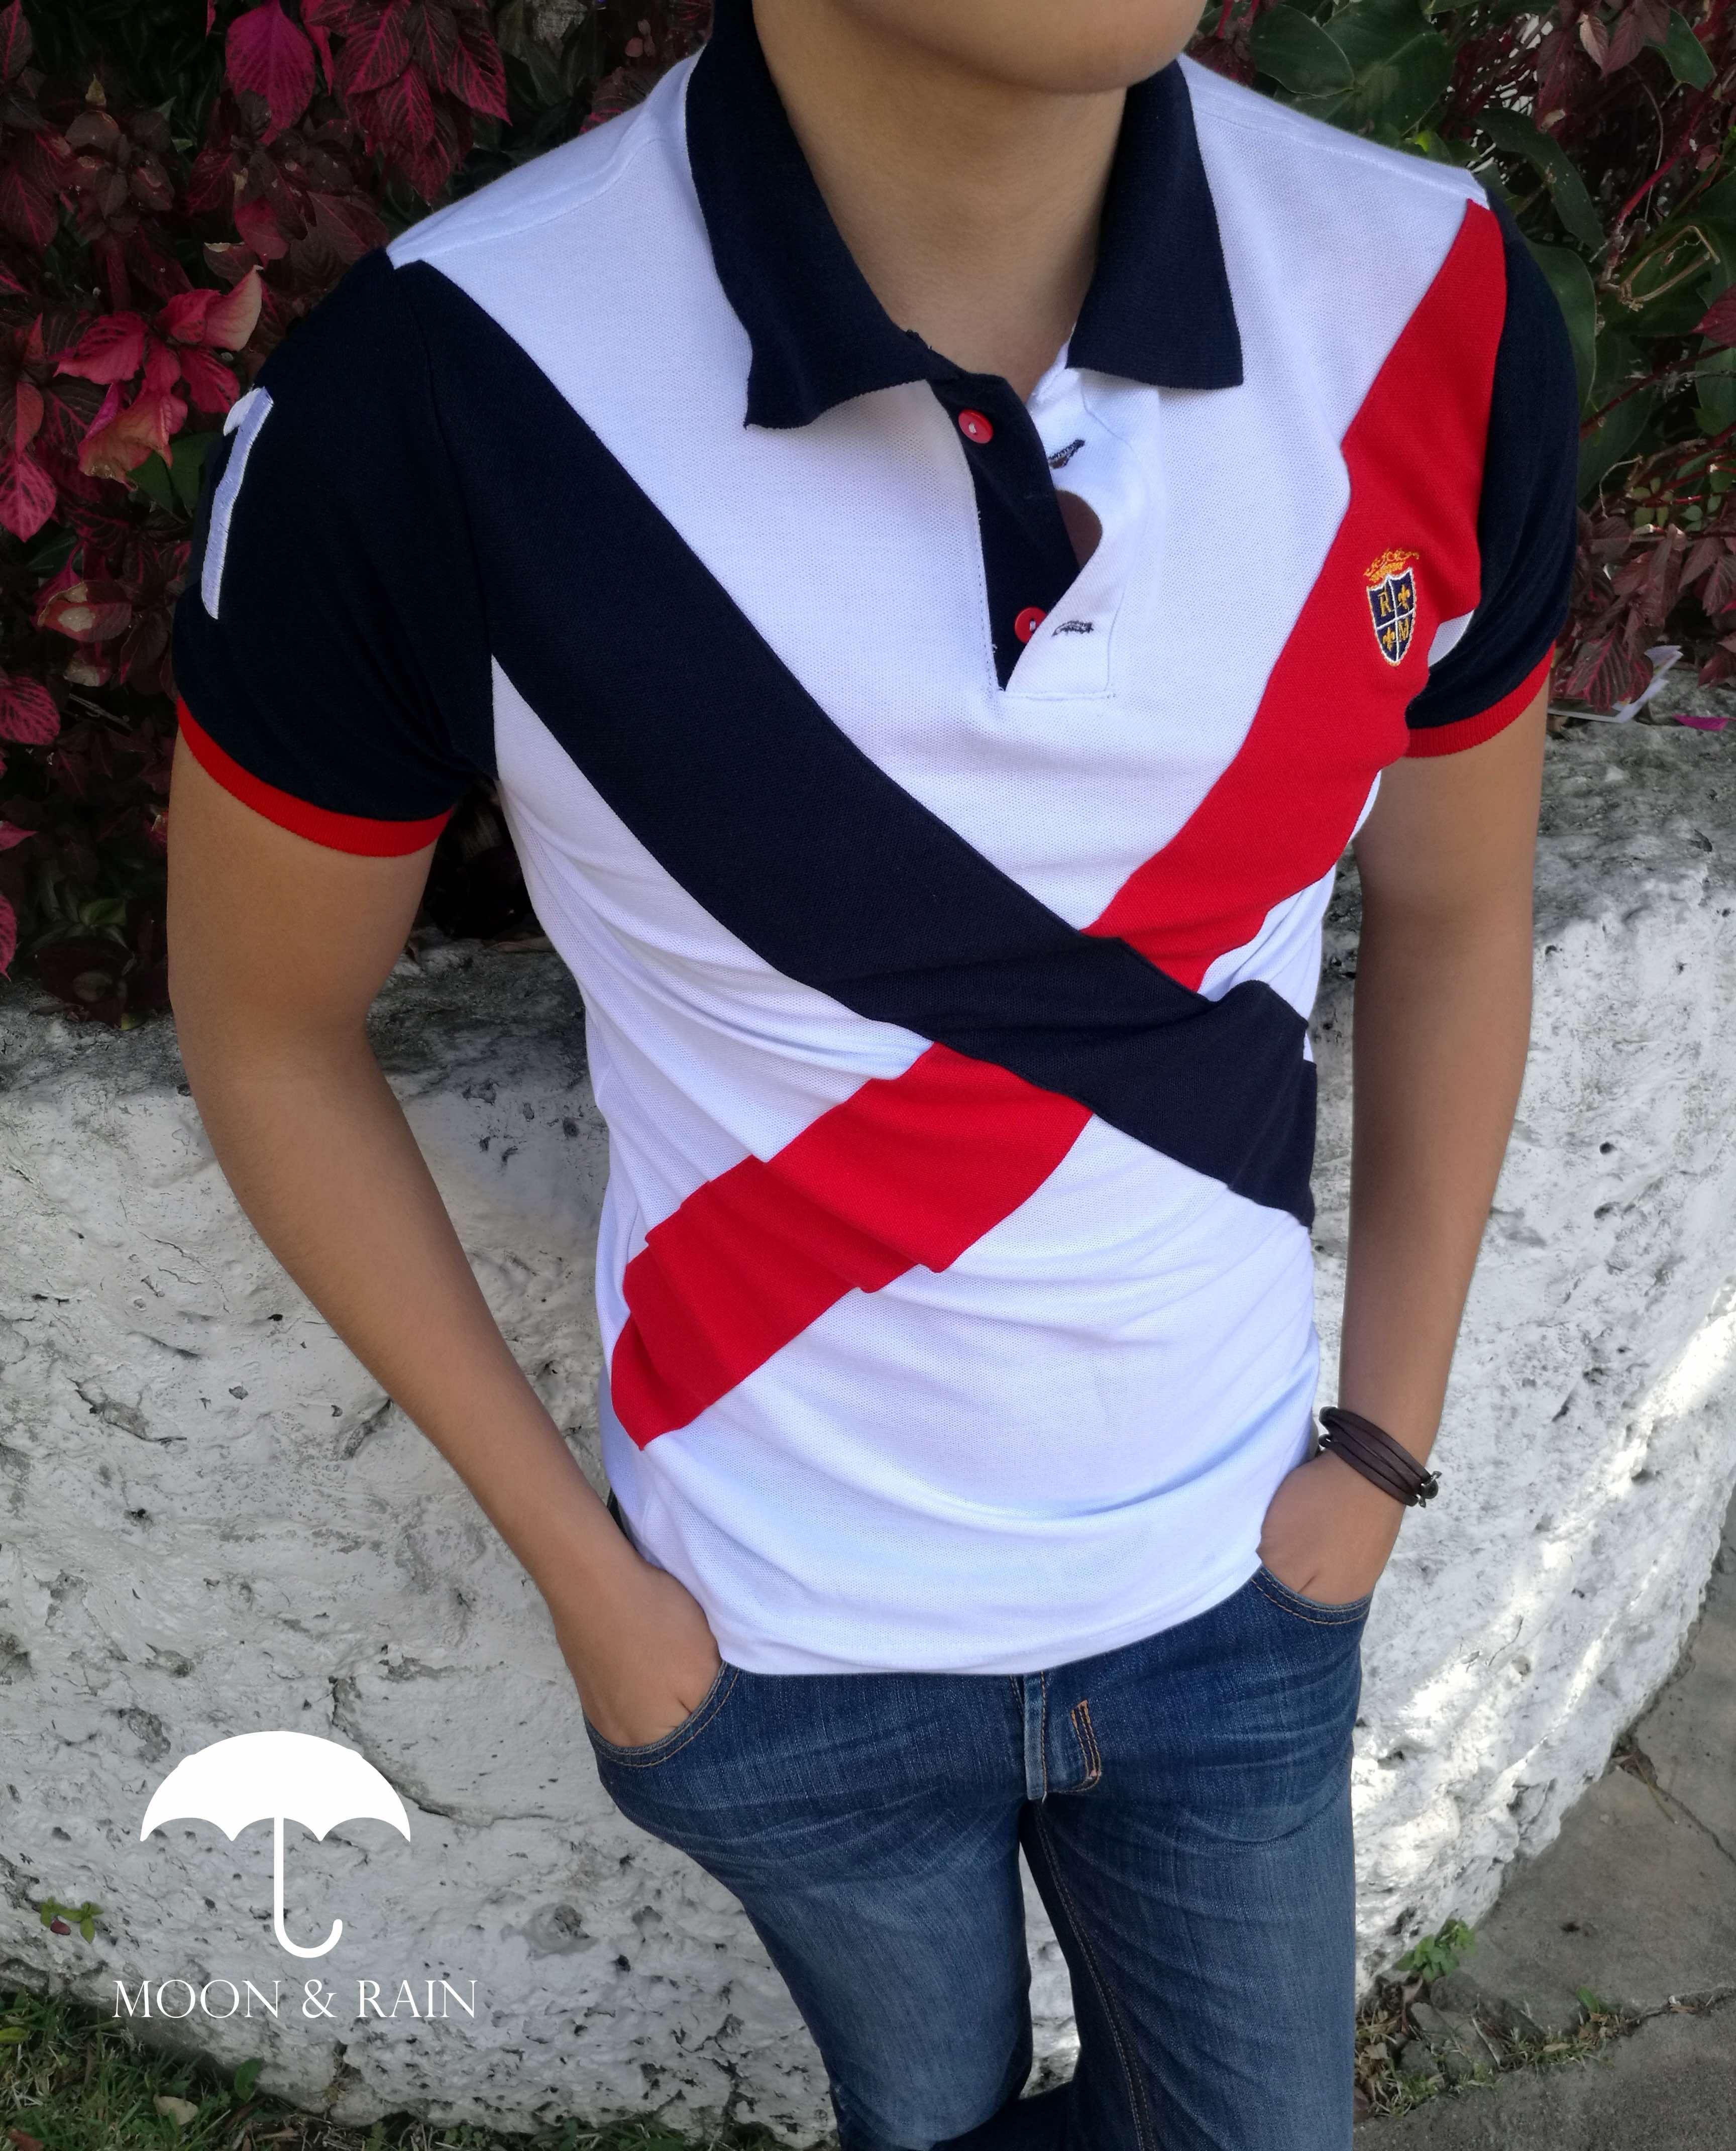 Polo Slim Fit Blanca con Franja Marino y Roja por Moon   Rain en Tiendas  Platino 0462621228862